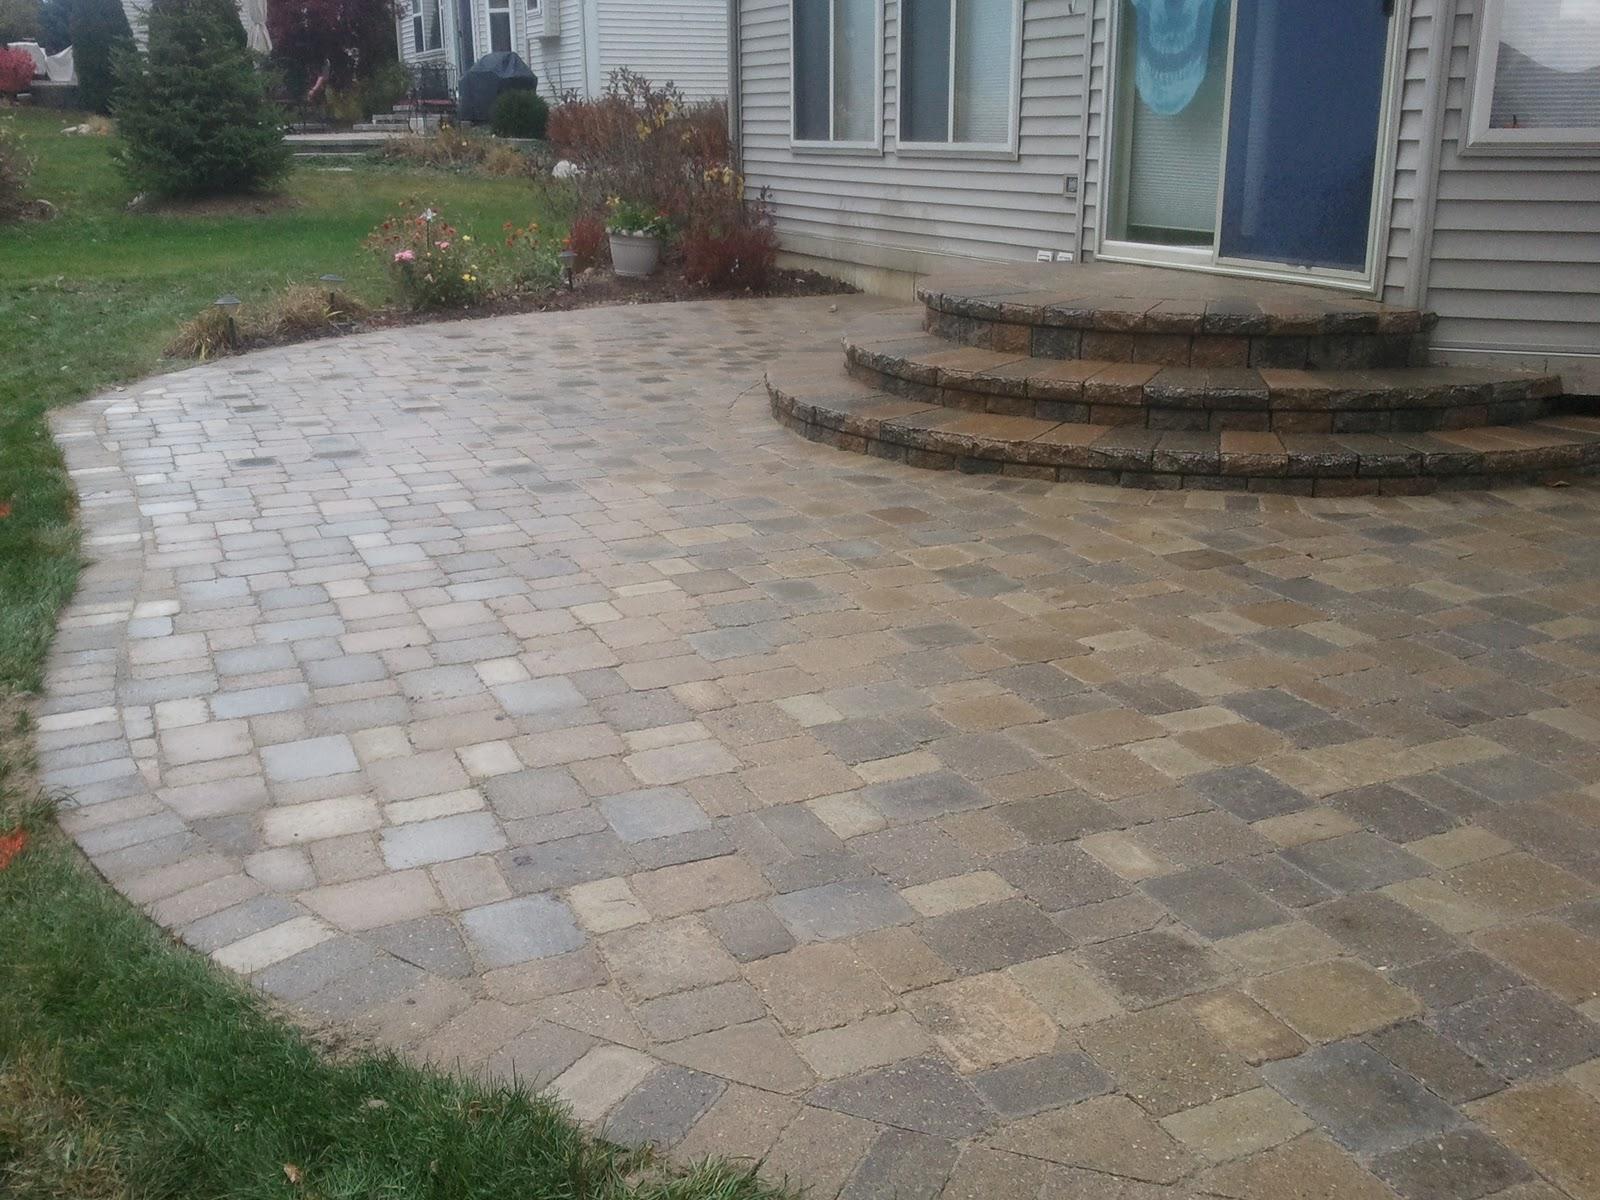 Brick Pavers,Canton,Ann Arbor,Plymouth,Patio,Patios,Repair ... on Brick Paver Patio Designs  id=67487